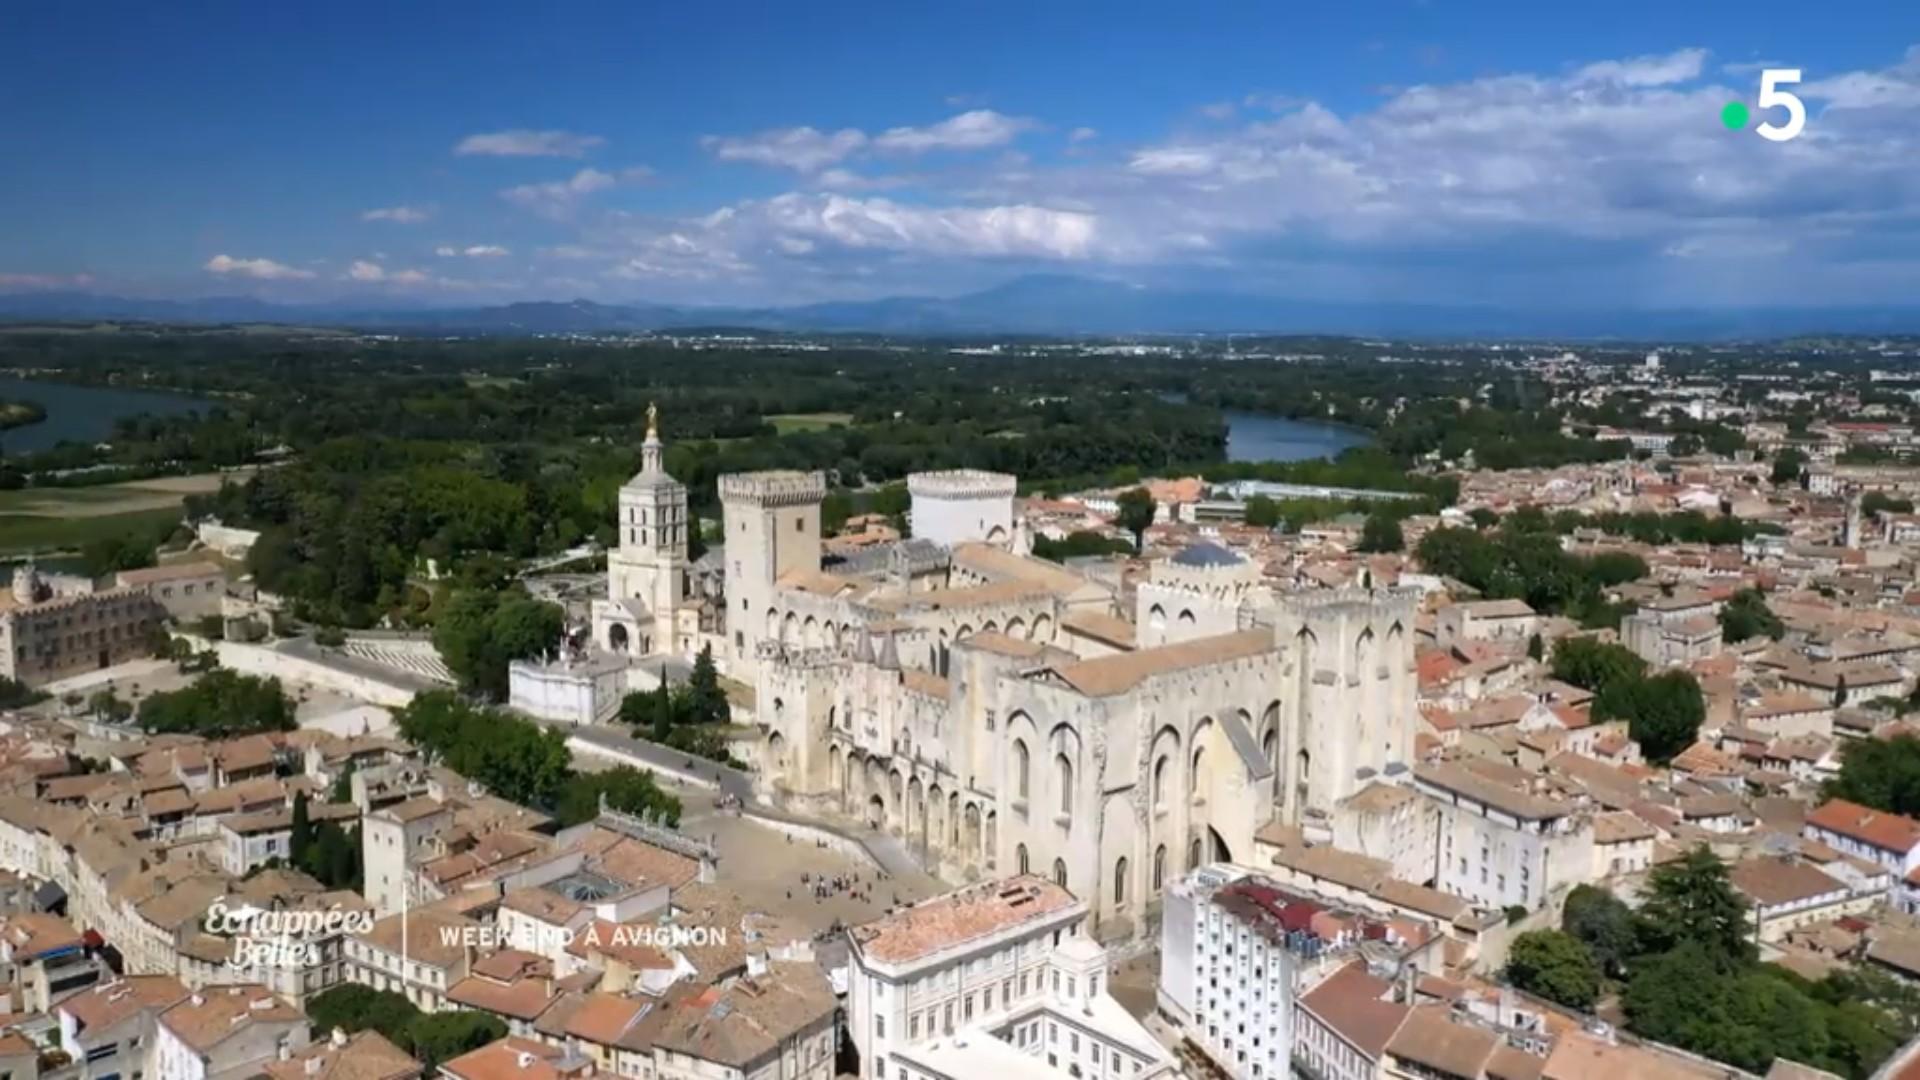 Avignon-6.jpg